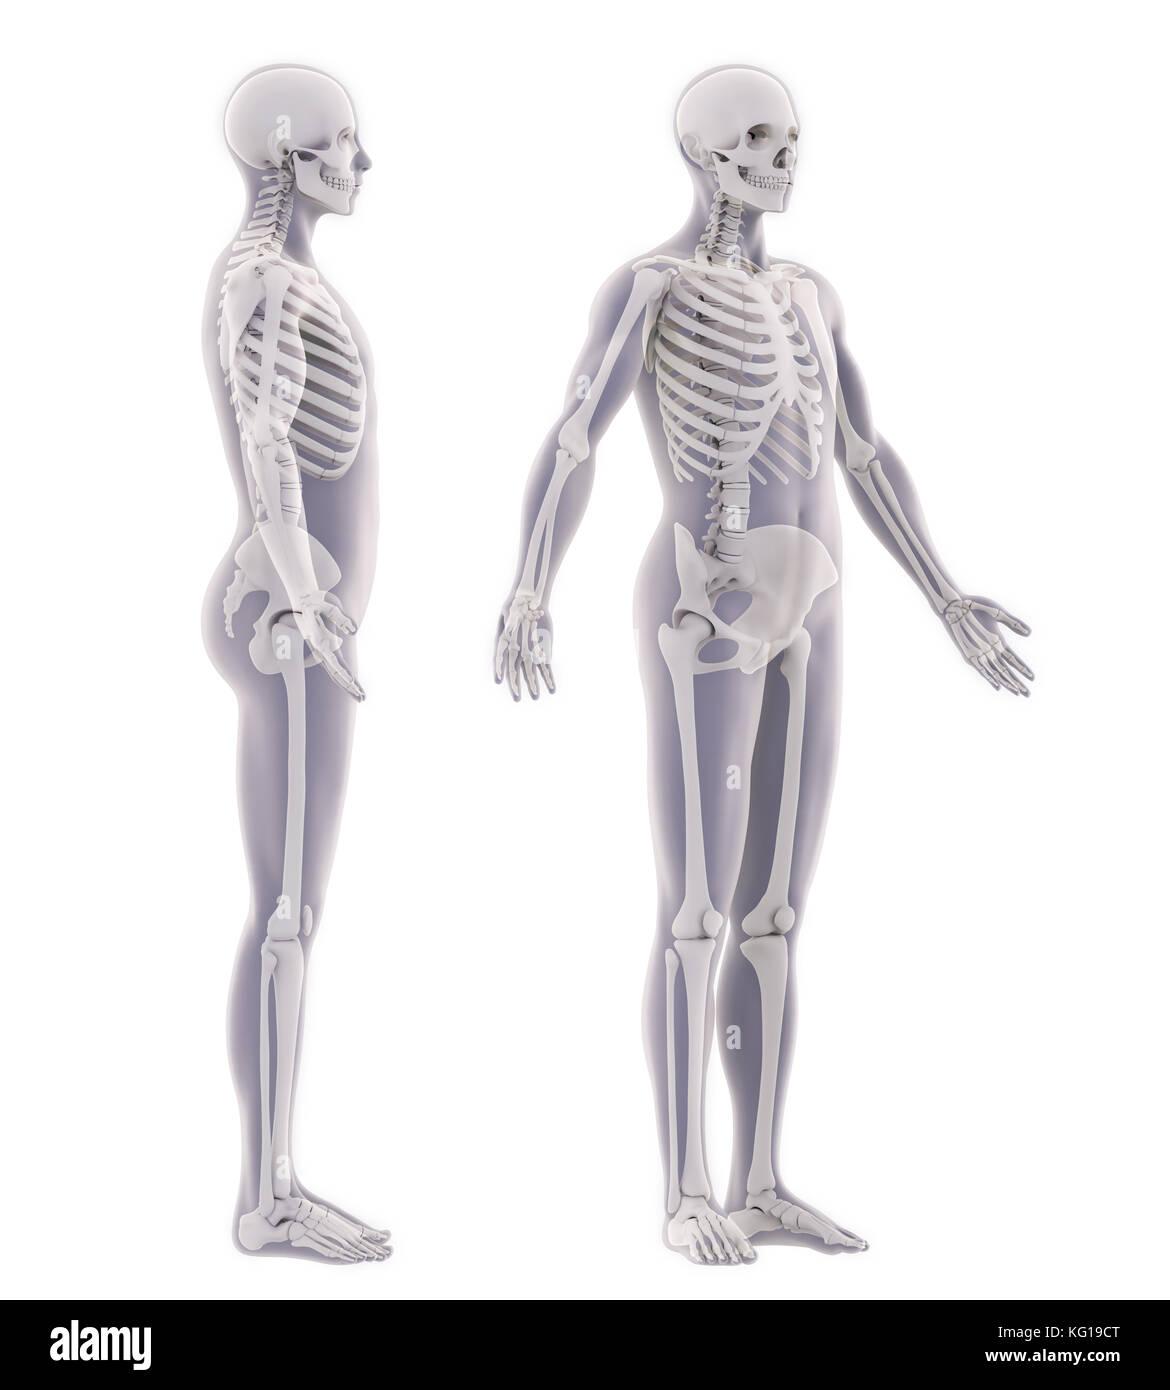 Berühmt Pygmäenziege Anatomie Galerie - Menschliche Anatomie Bilder ...